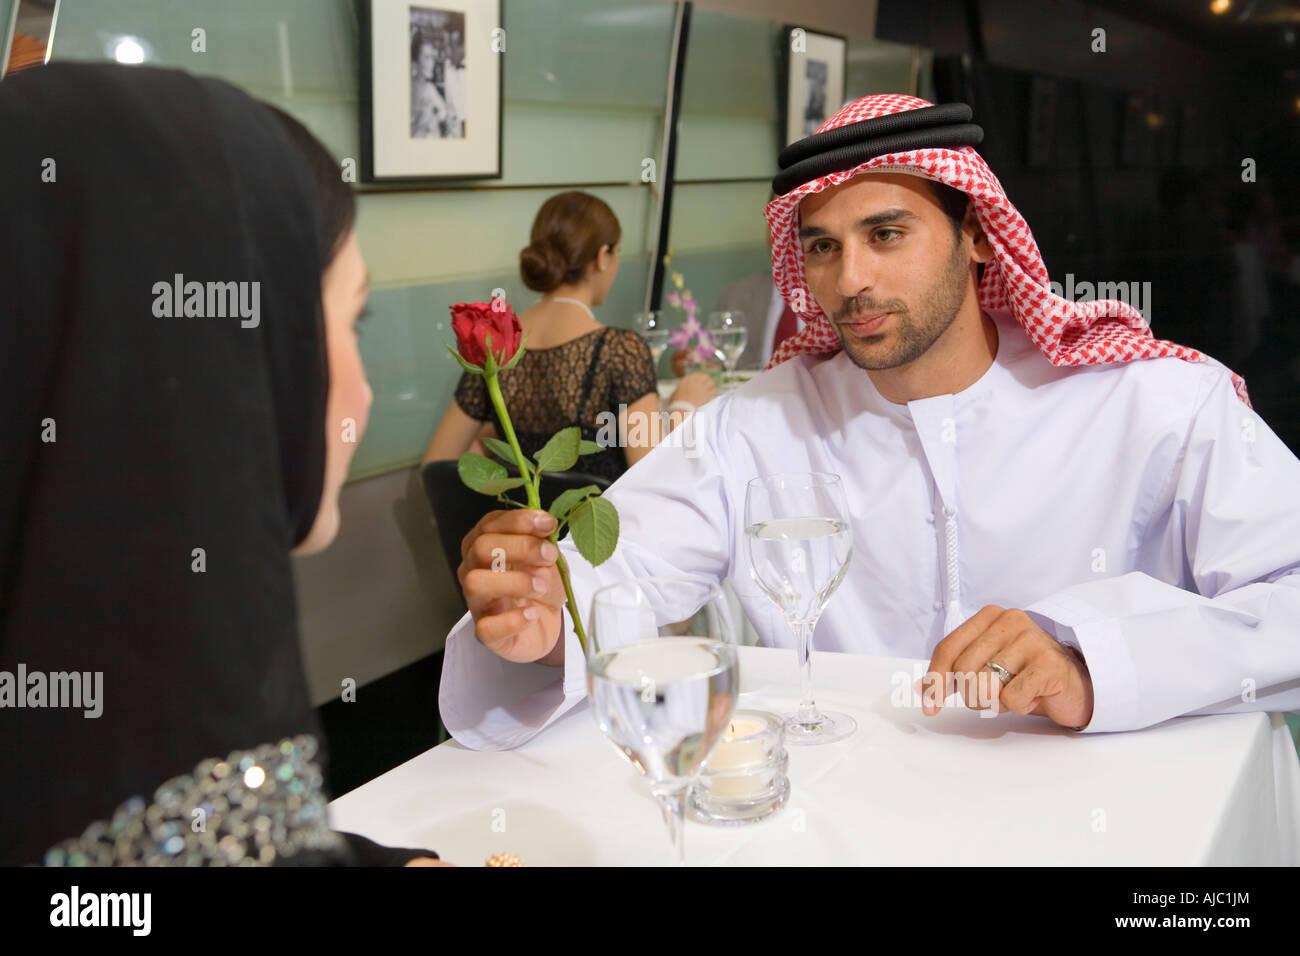 Смотреть как арабский шейх трахается с маленькой девочкой 21 фотография